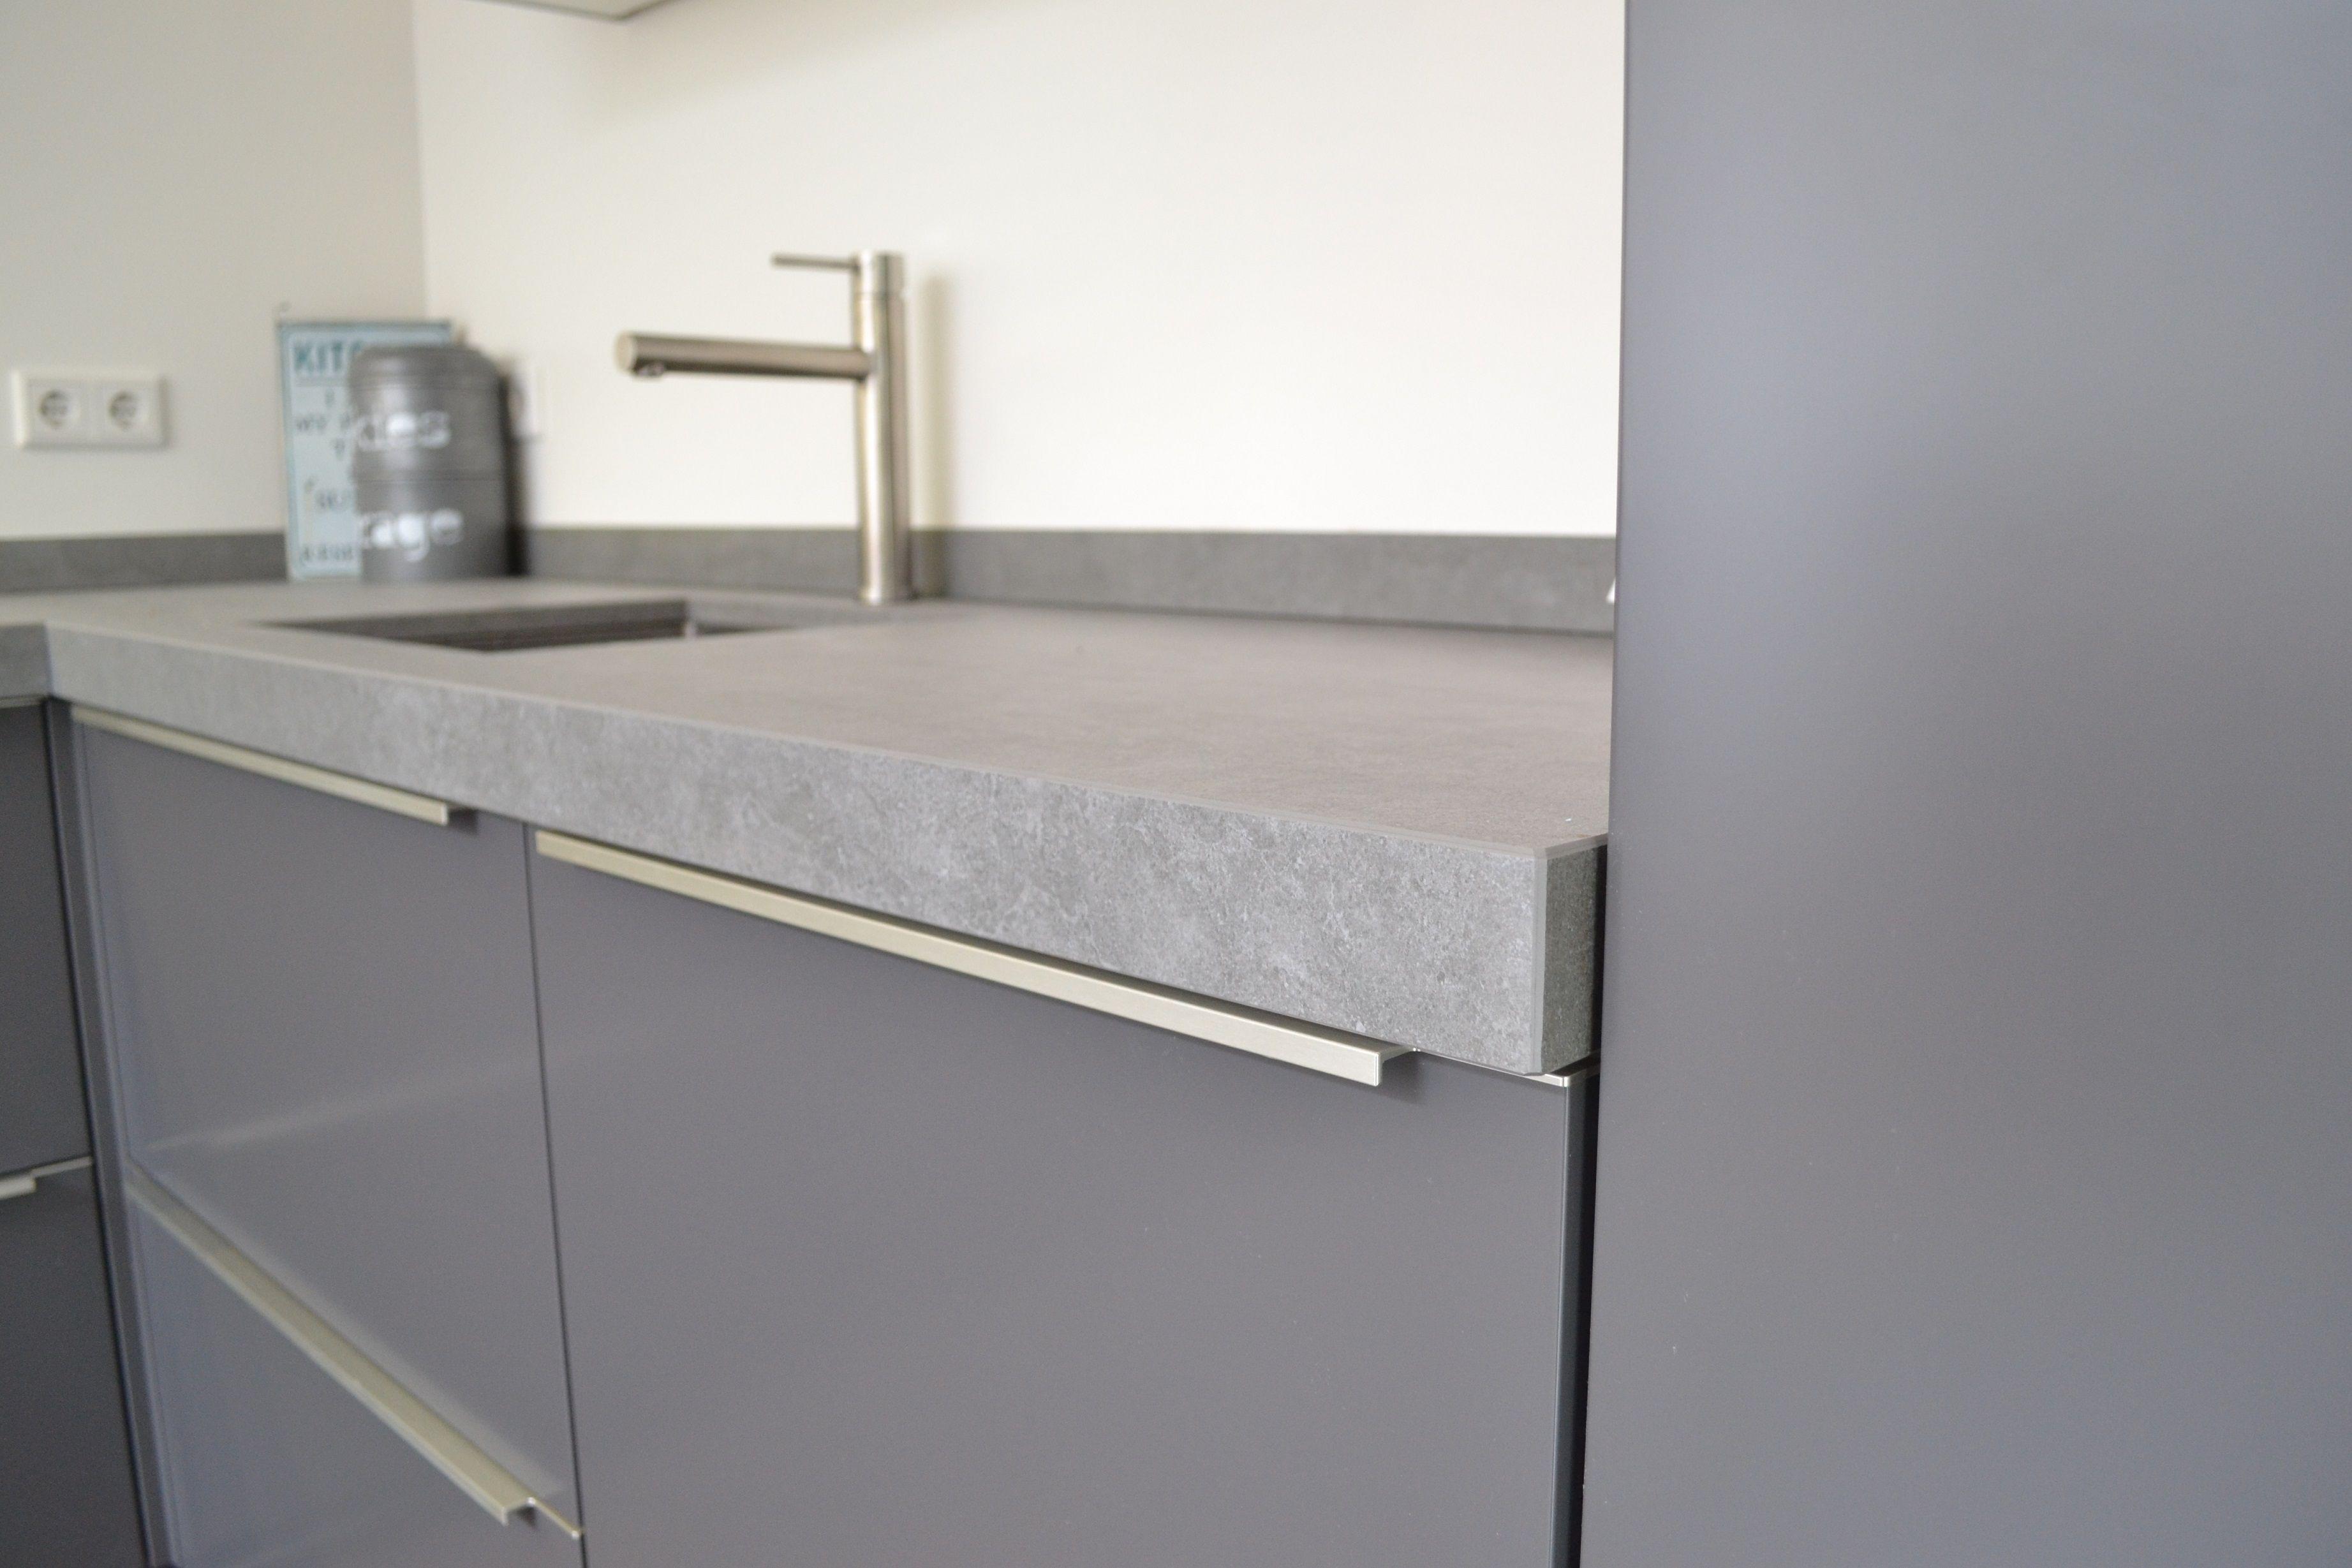 Hoogglans Grijs Keuken : Grijze hoogglans keuken met mooi grijs blad keuken in